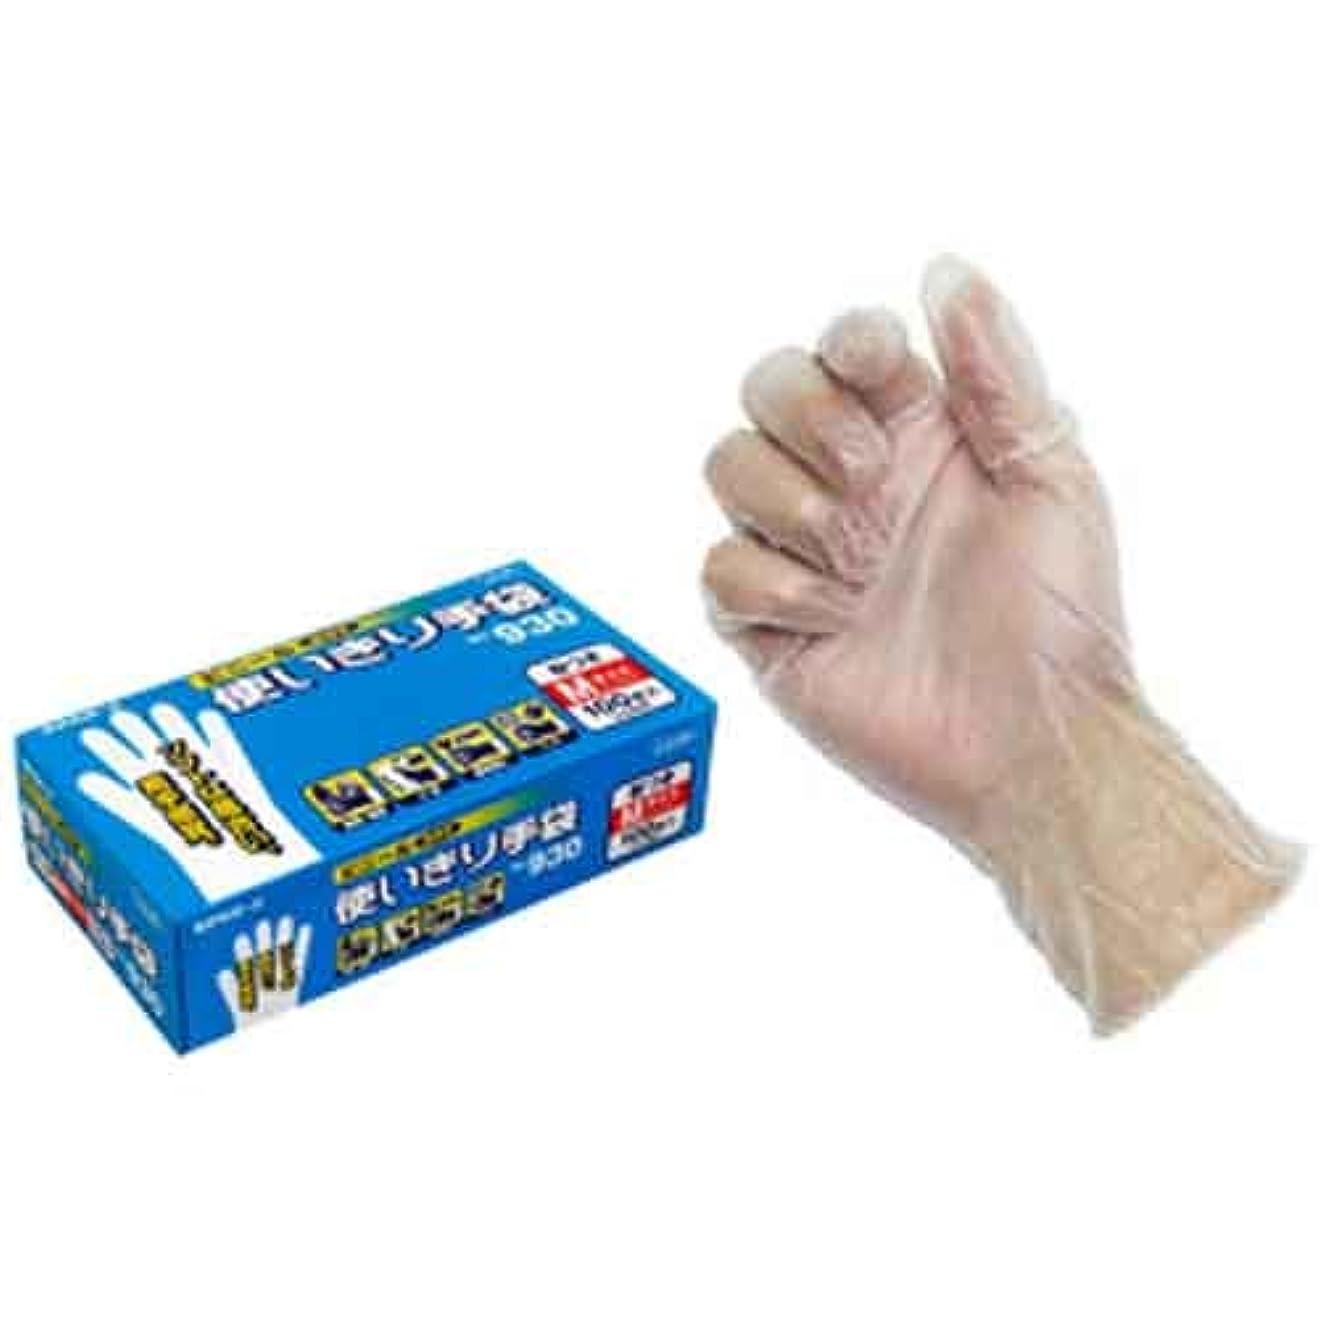 抑圧者叙情的な仕出しますビニール使いきり手袋(粉付)100枚入(箱) 930 S